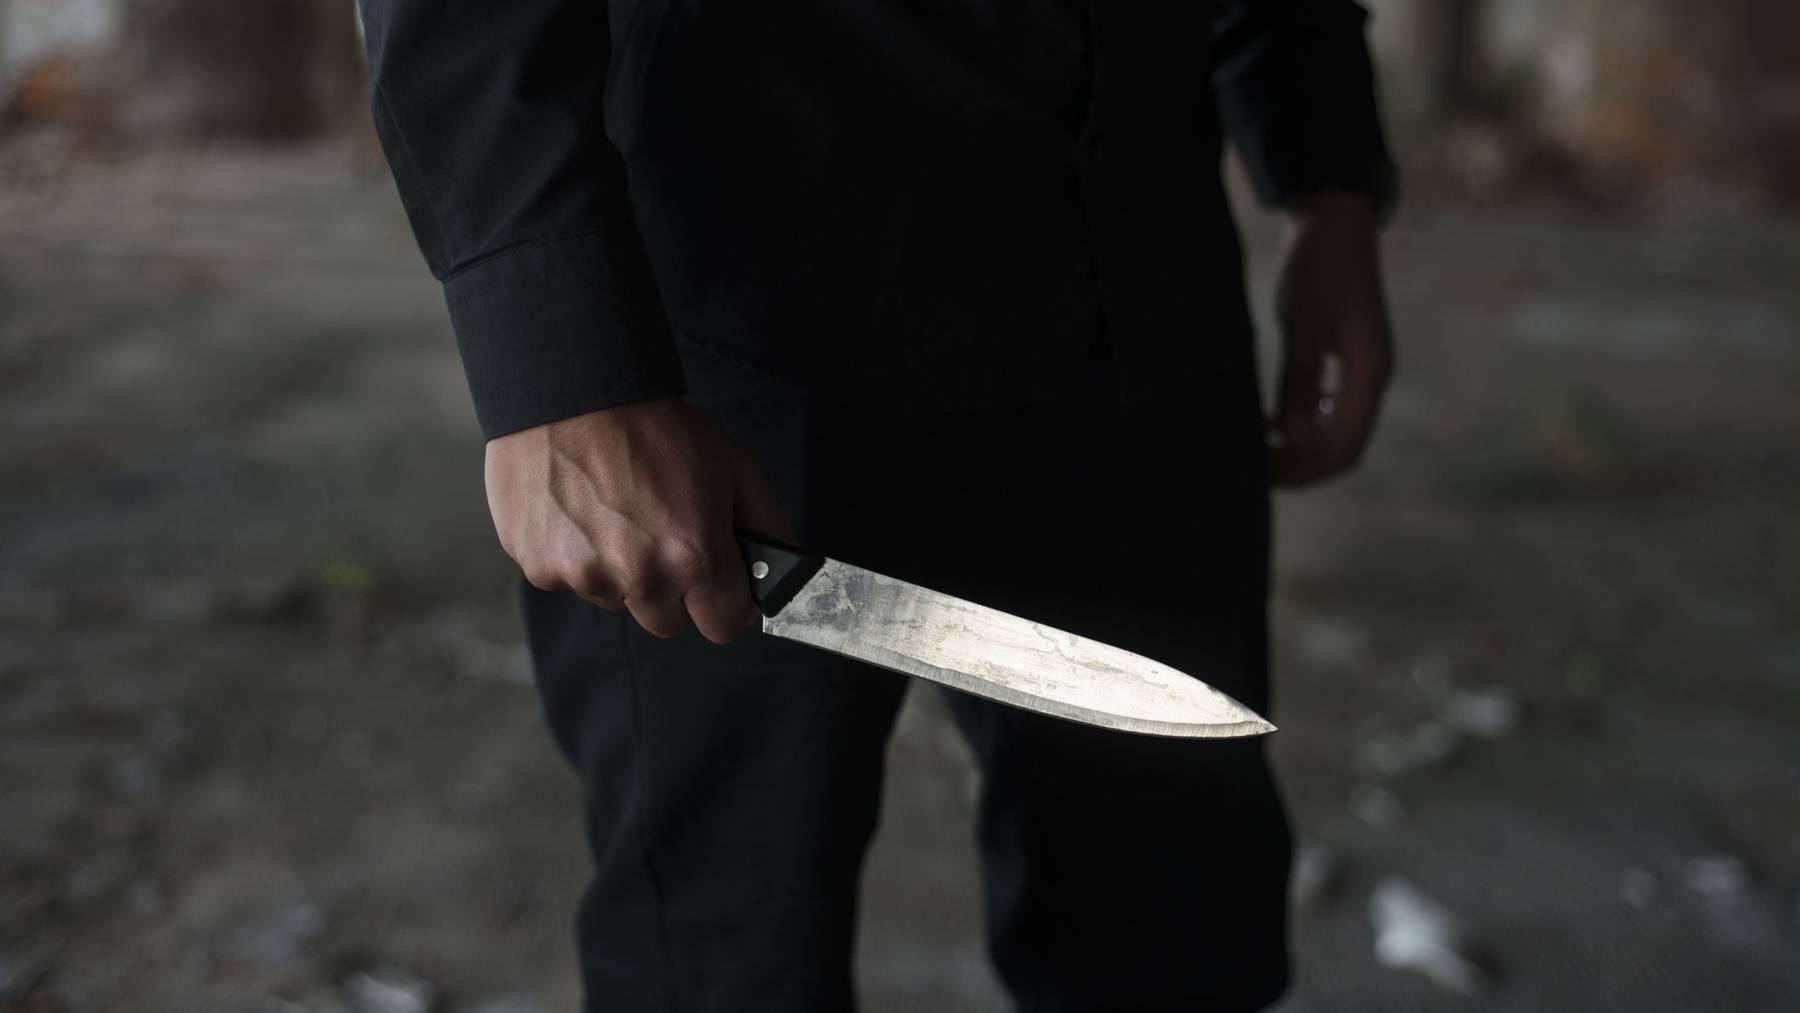 Die Tatwaffe war vermutlich ein Messer. (Symbolbild)